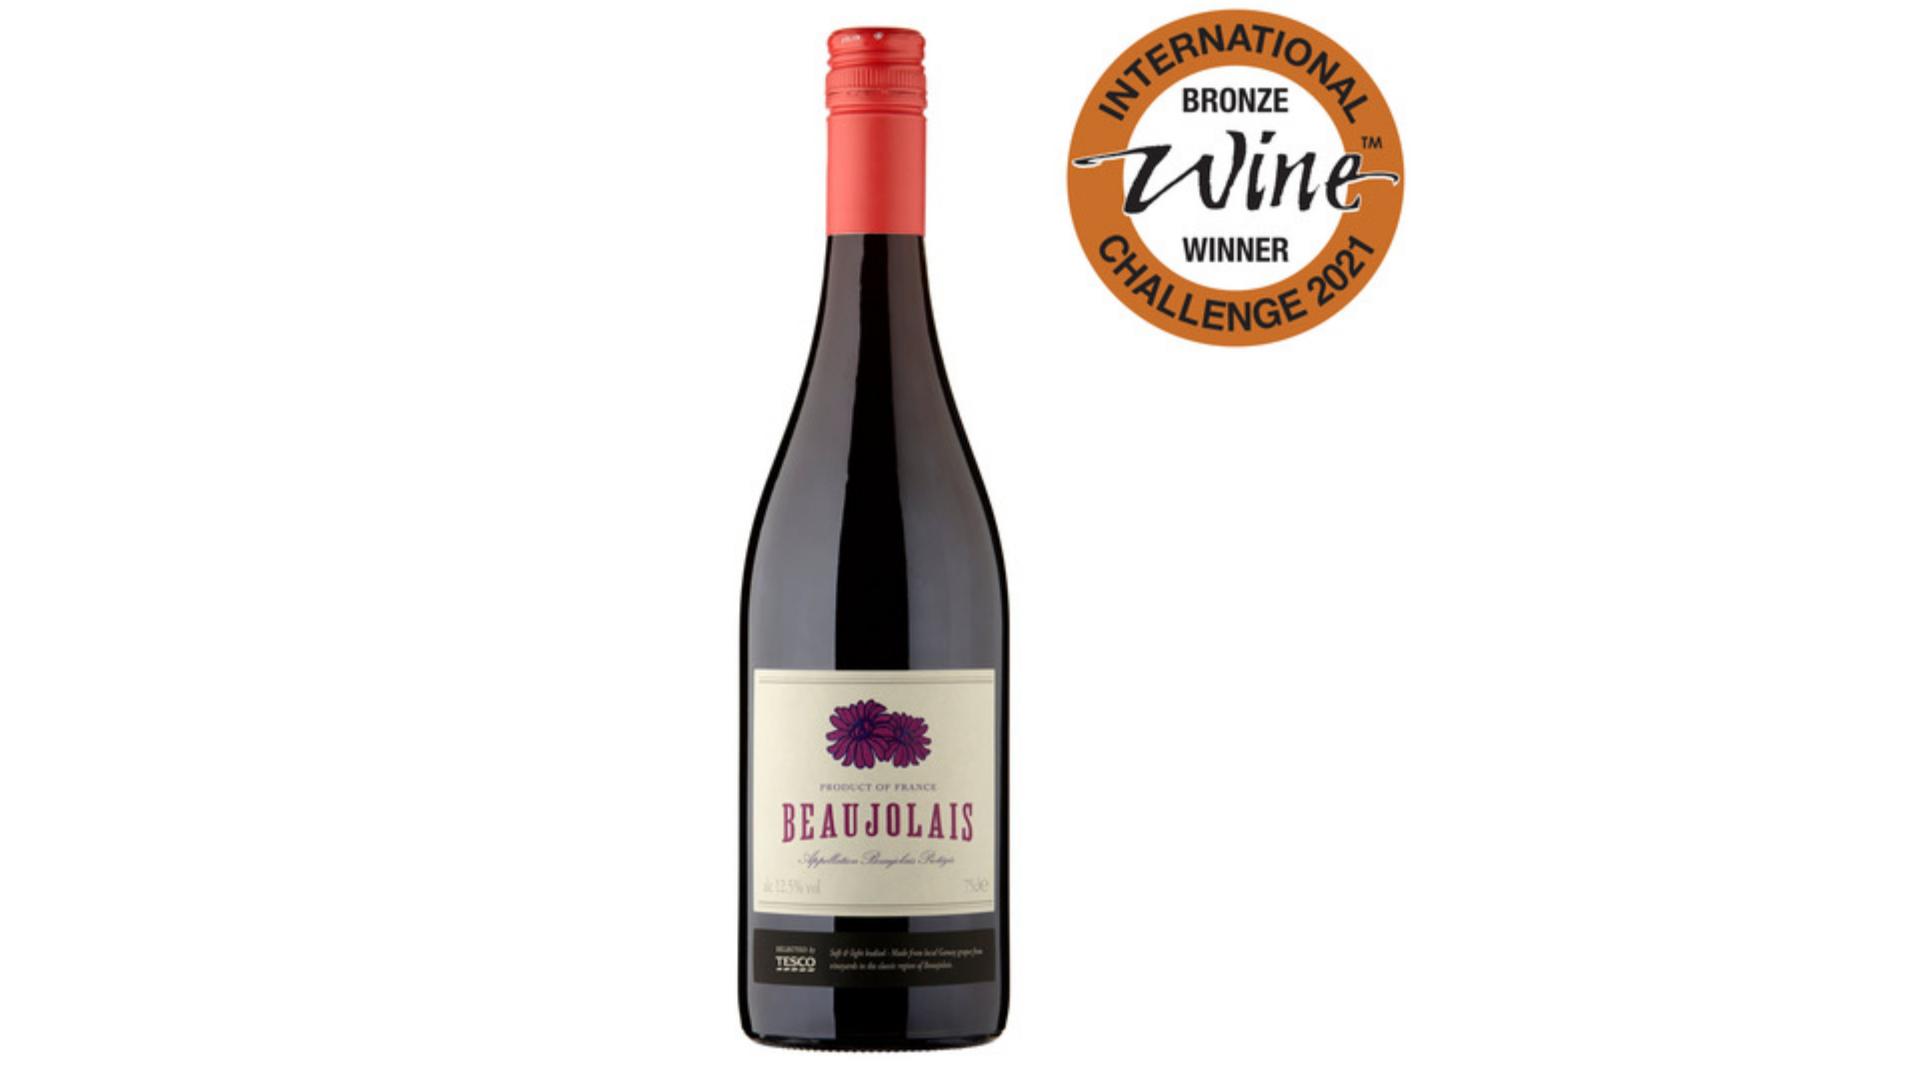 l'un des meilleurs vins bon marché - Tesco Beaujolais Rouge